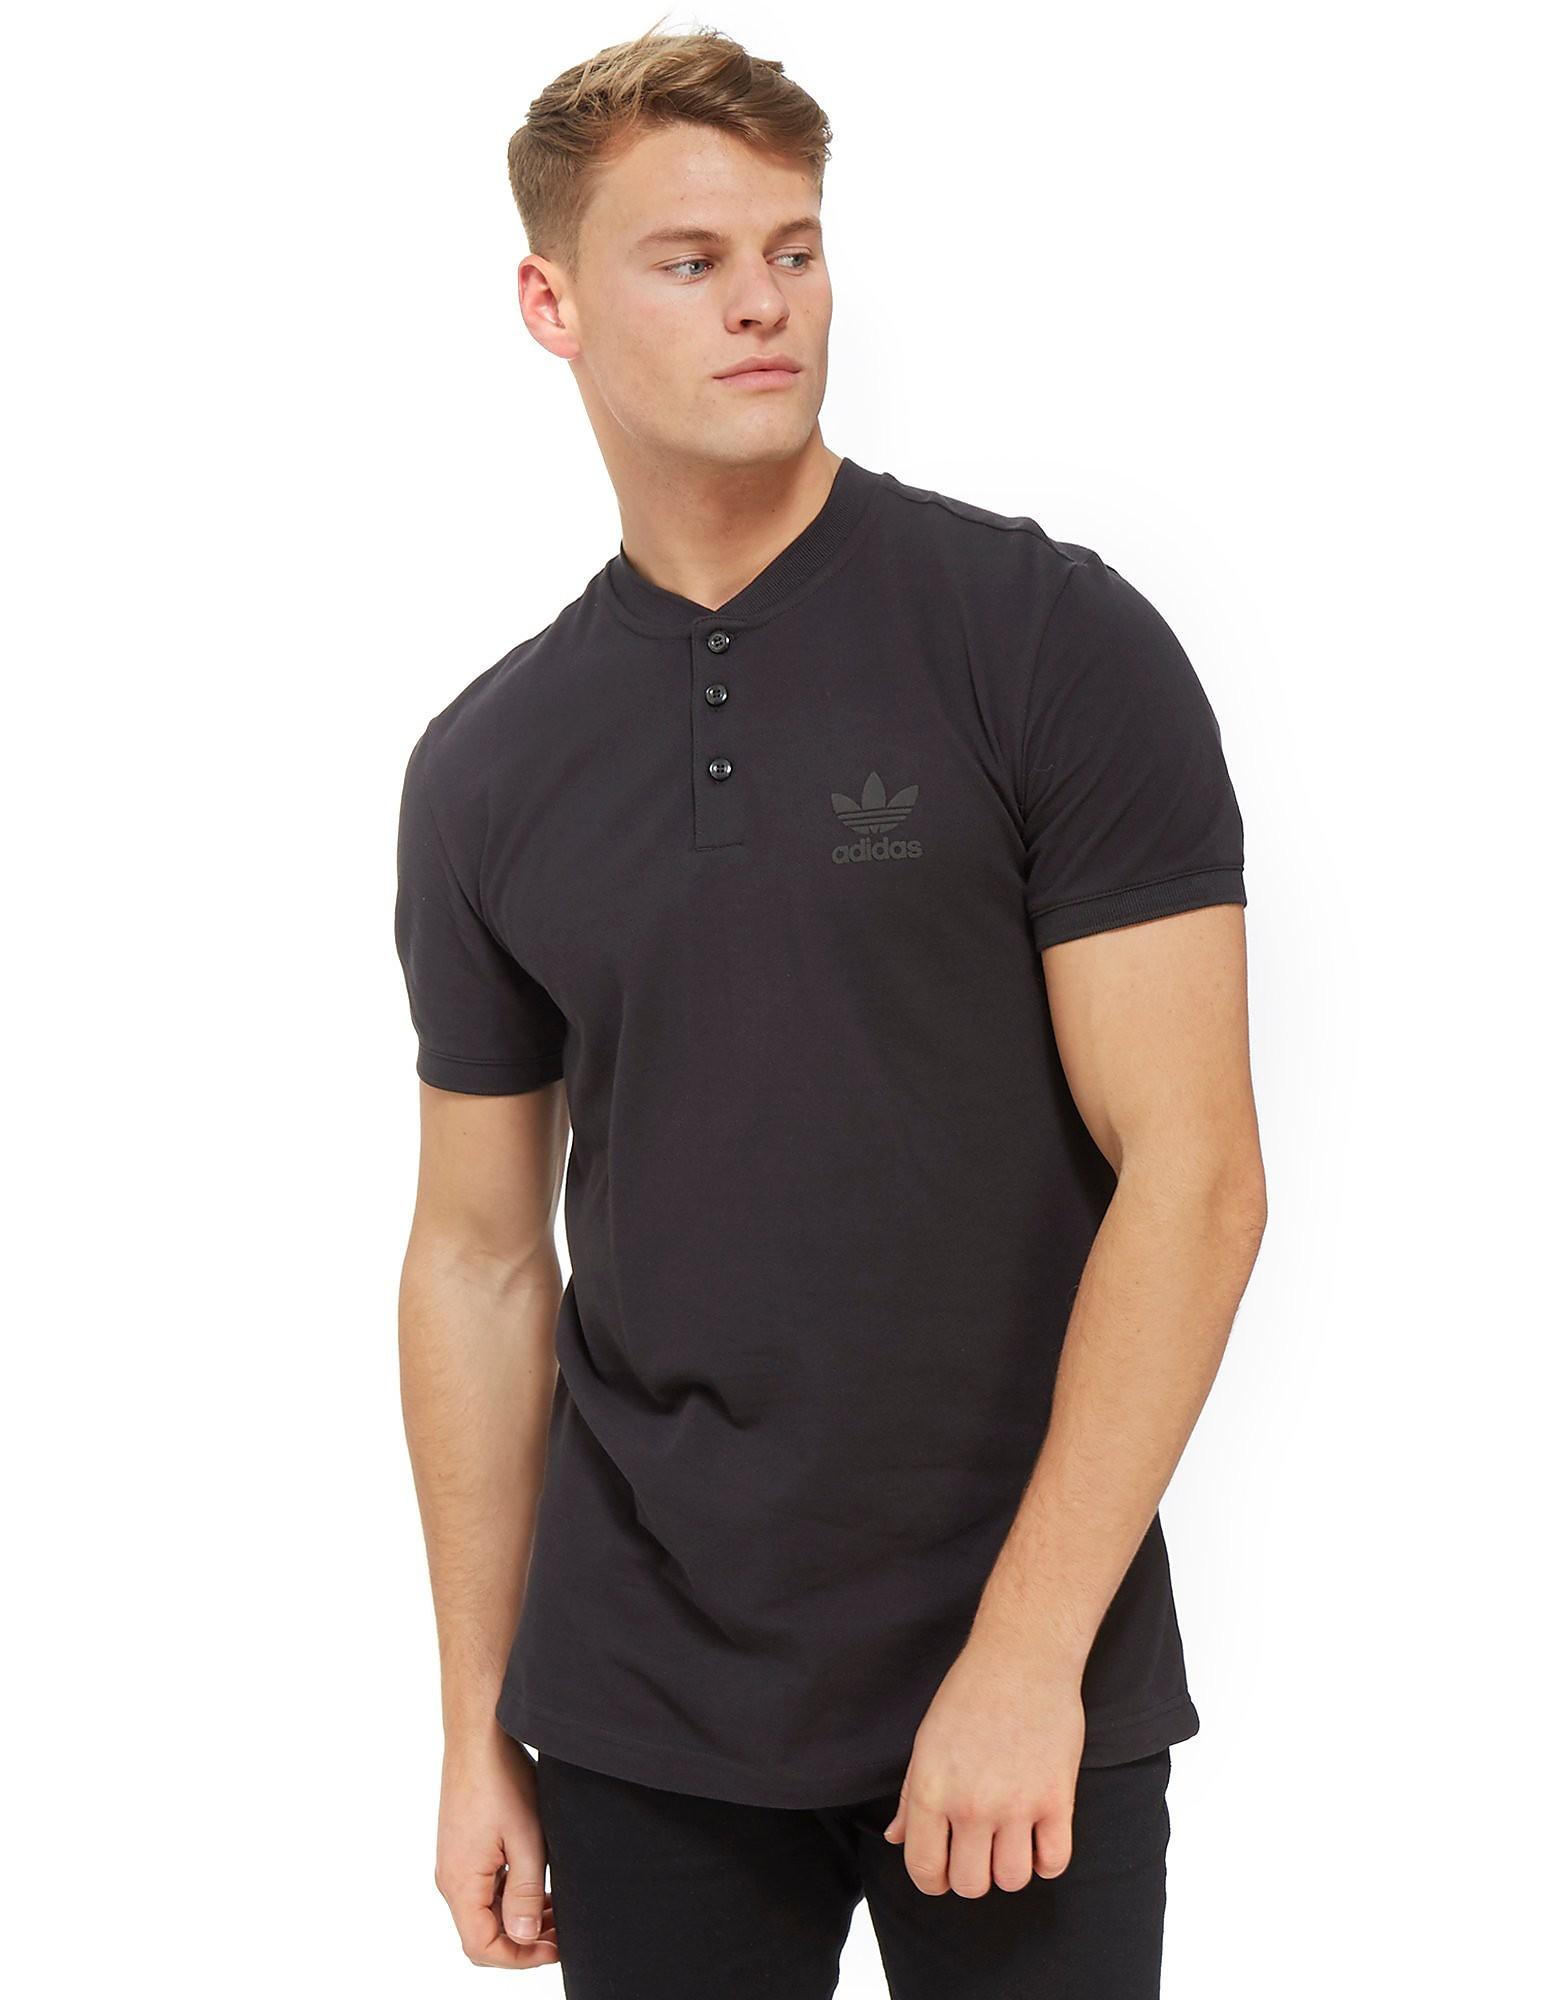 adidas Originals Winter Polo Shirt